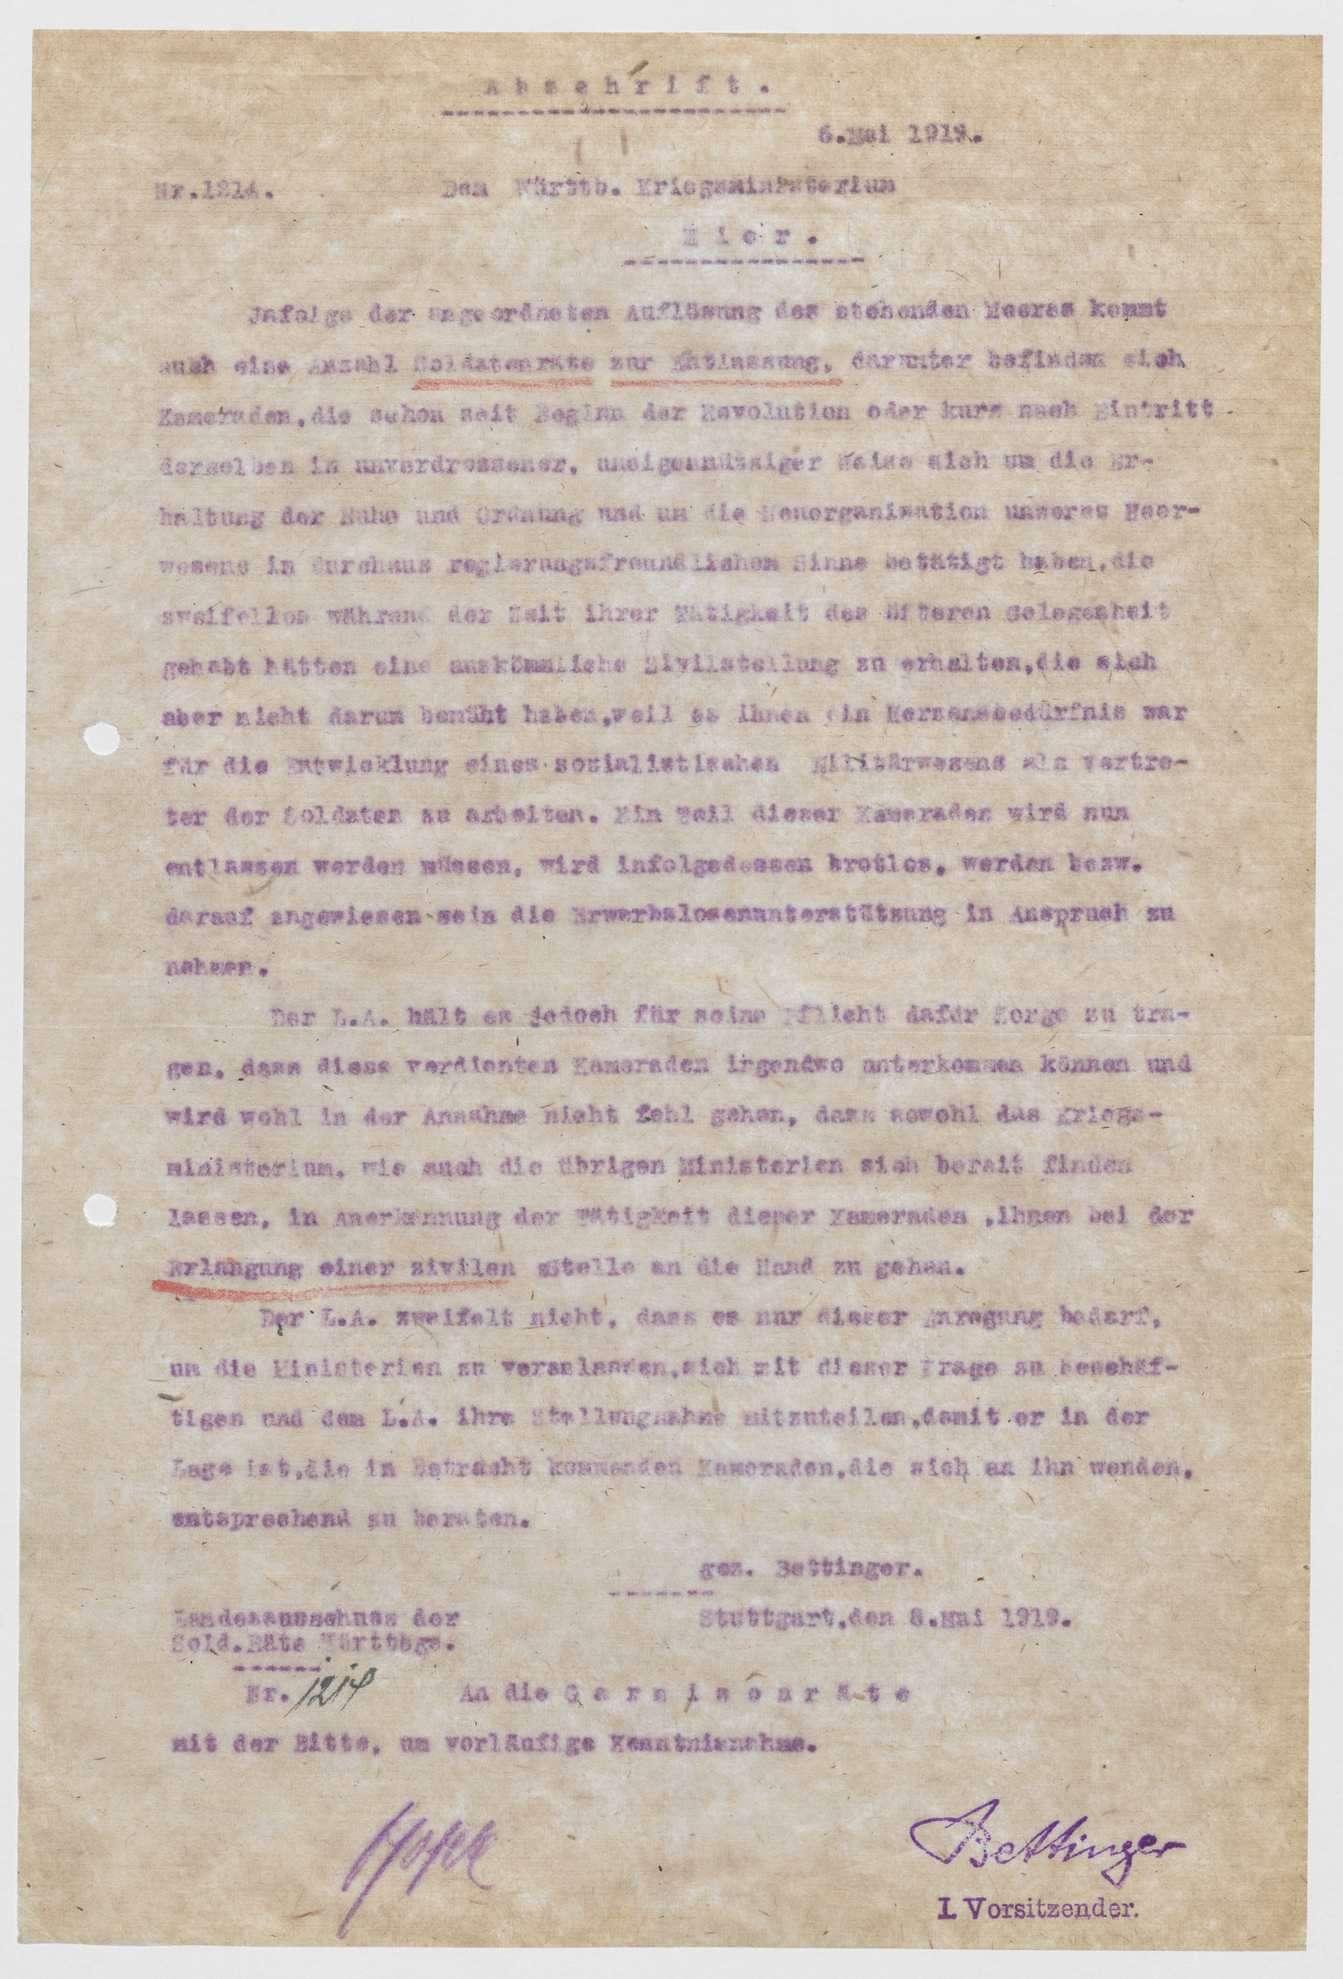 Aufhebung der Soldatenräte, Bemühungen des Landesausschusses der Soldatenräte um die Versorgung und Verwendung der einzelnen Mitglieder, Bild 3